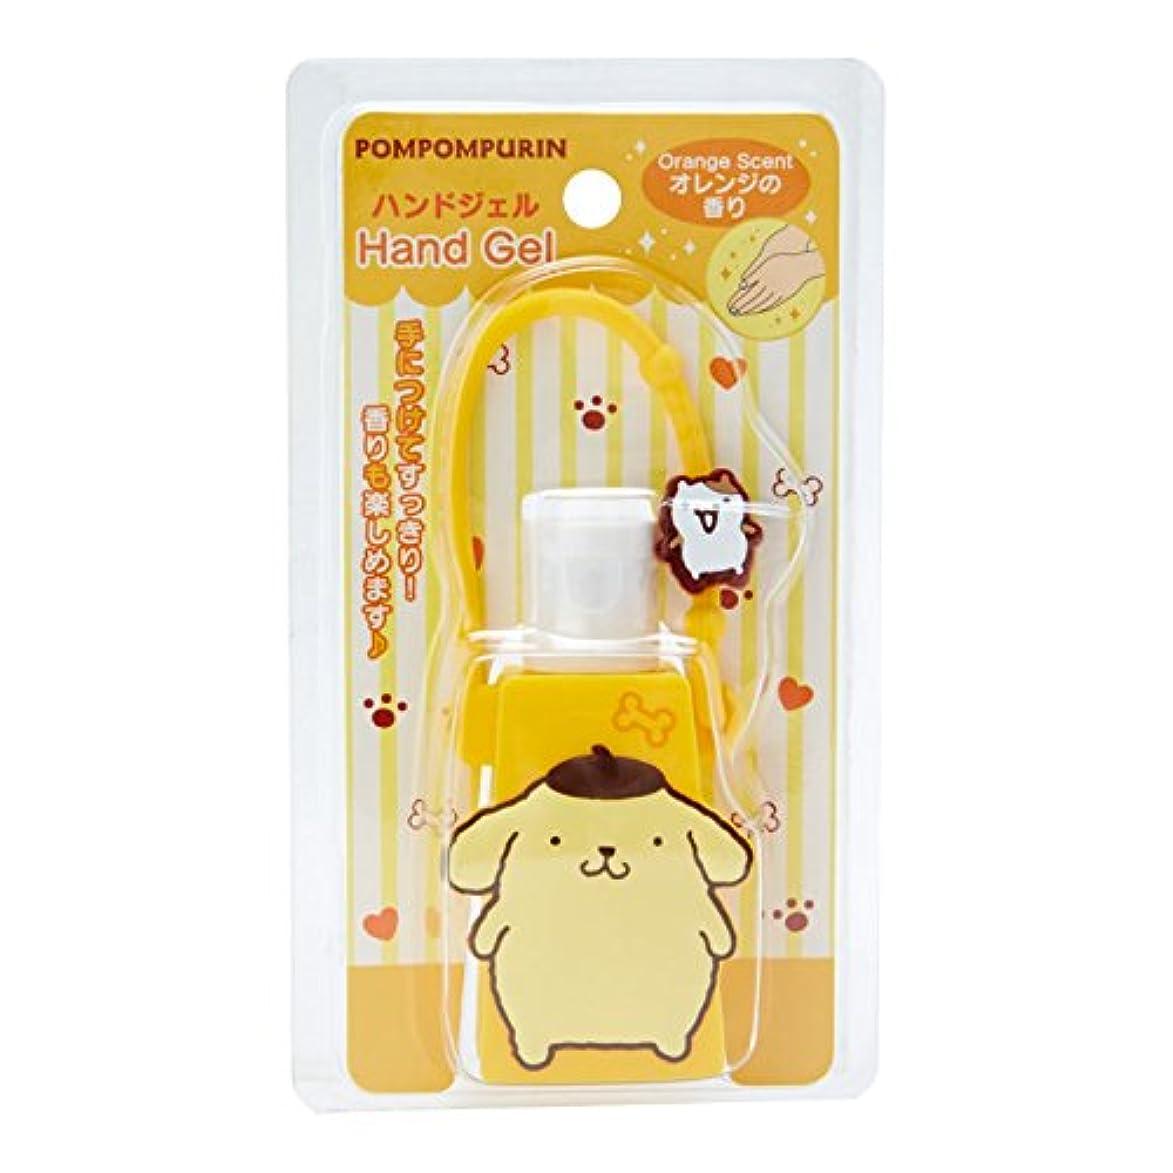 ダッシュクロールマニュアルポムポムプリン 携帯ハンドジェル(オレンジの香り)